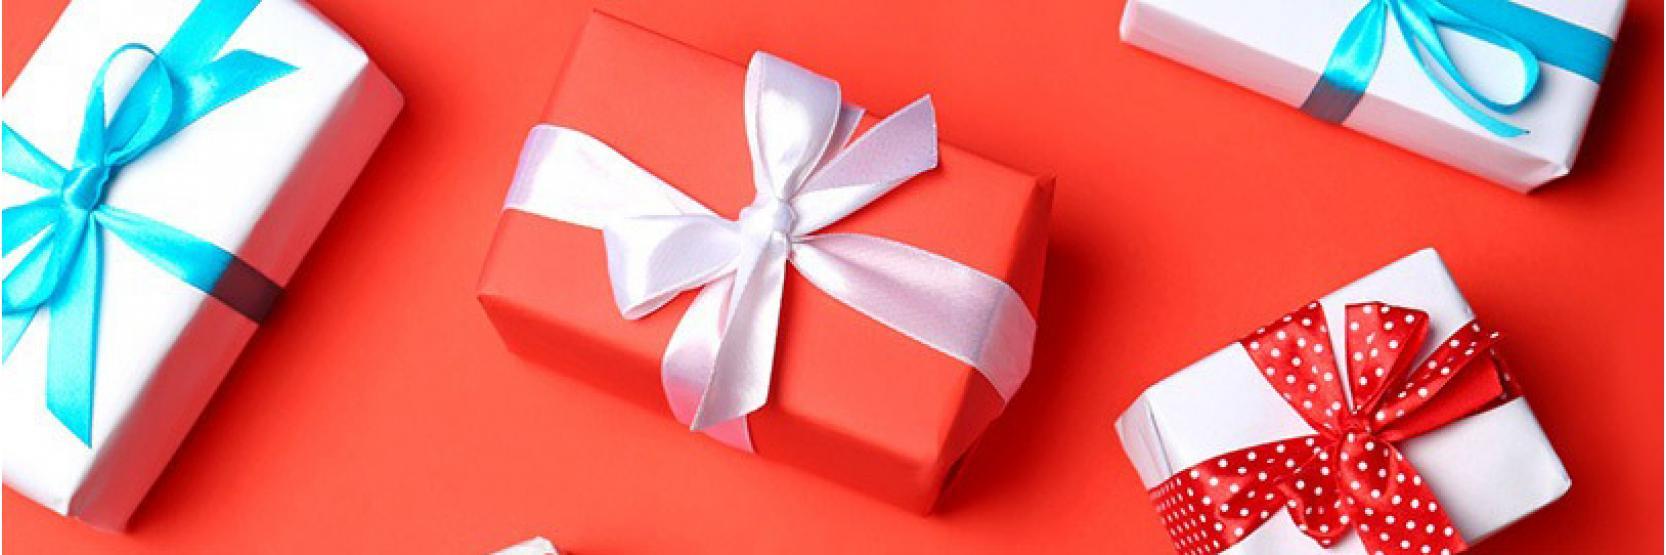 نصائح في تقديم الهدايا